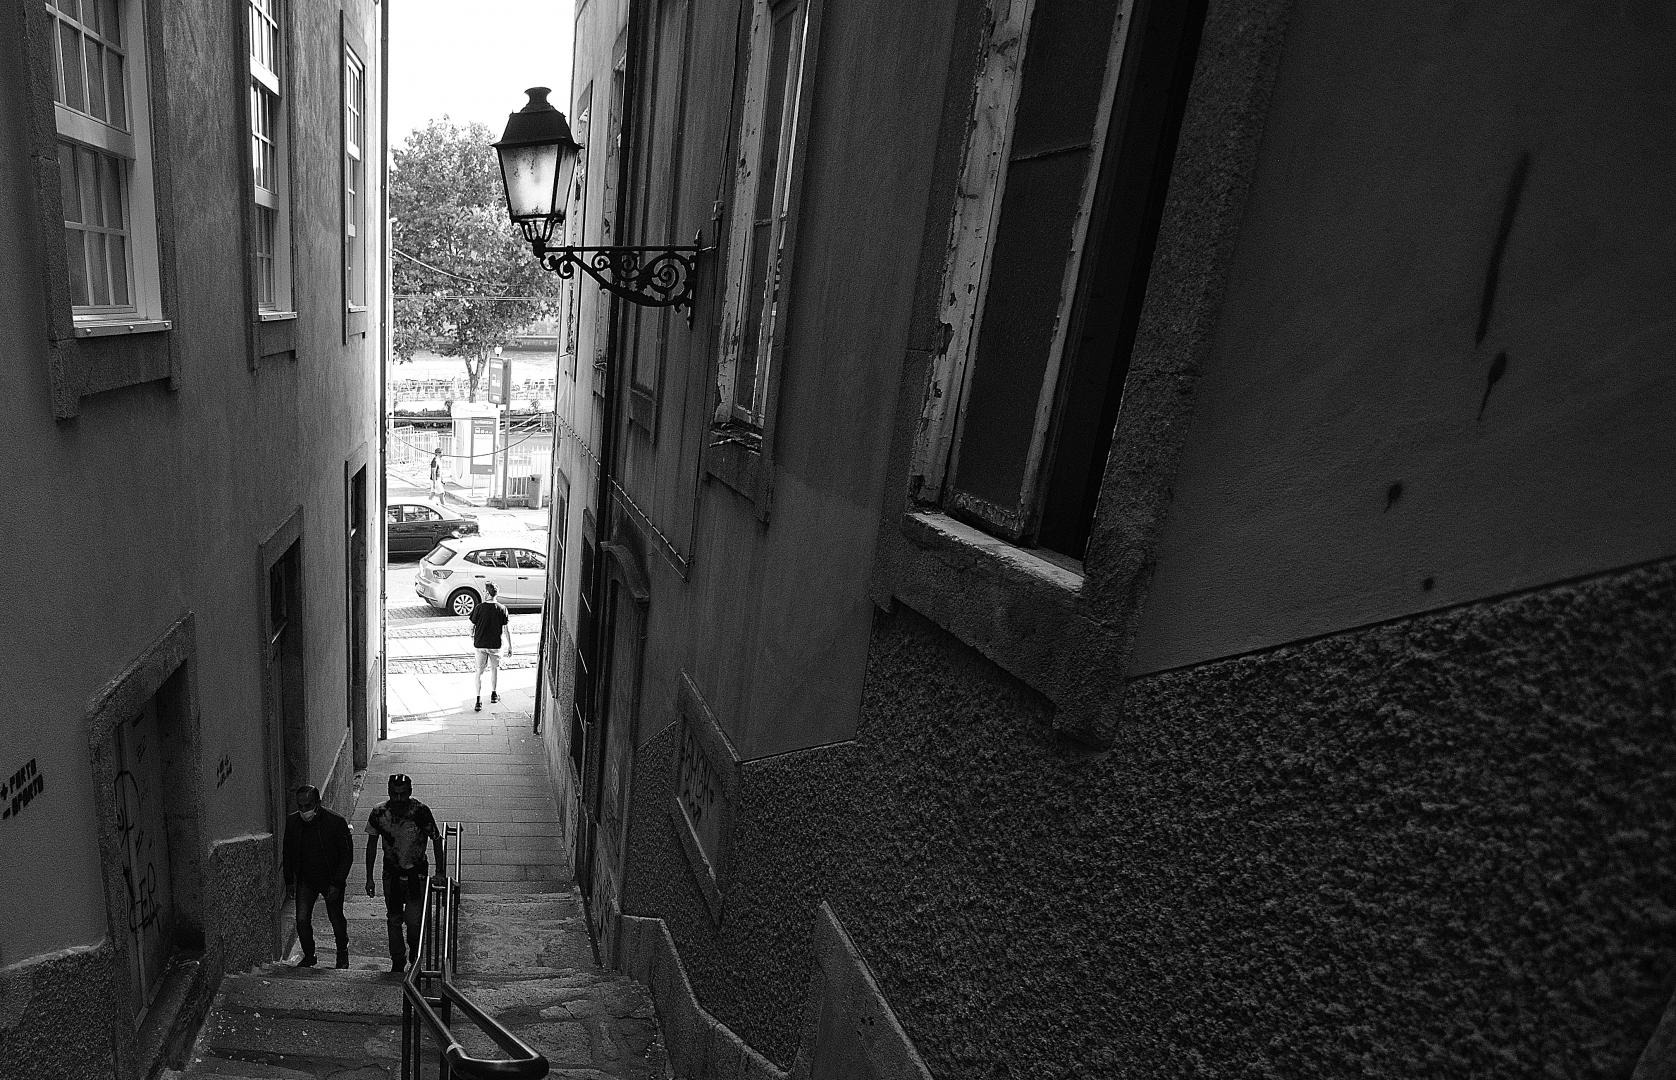 Fotografia de Rua/Da escuridão para a luz